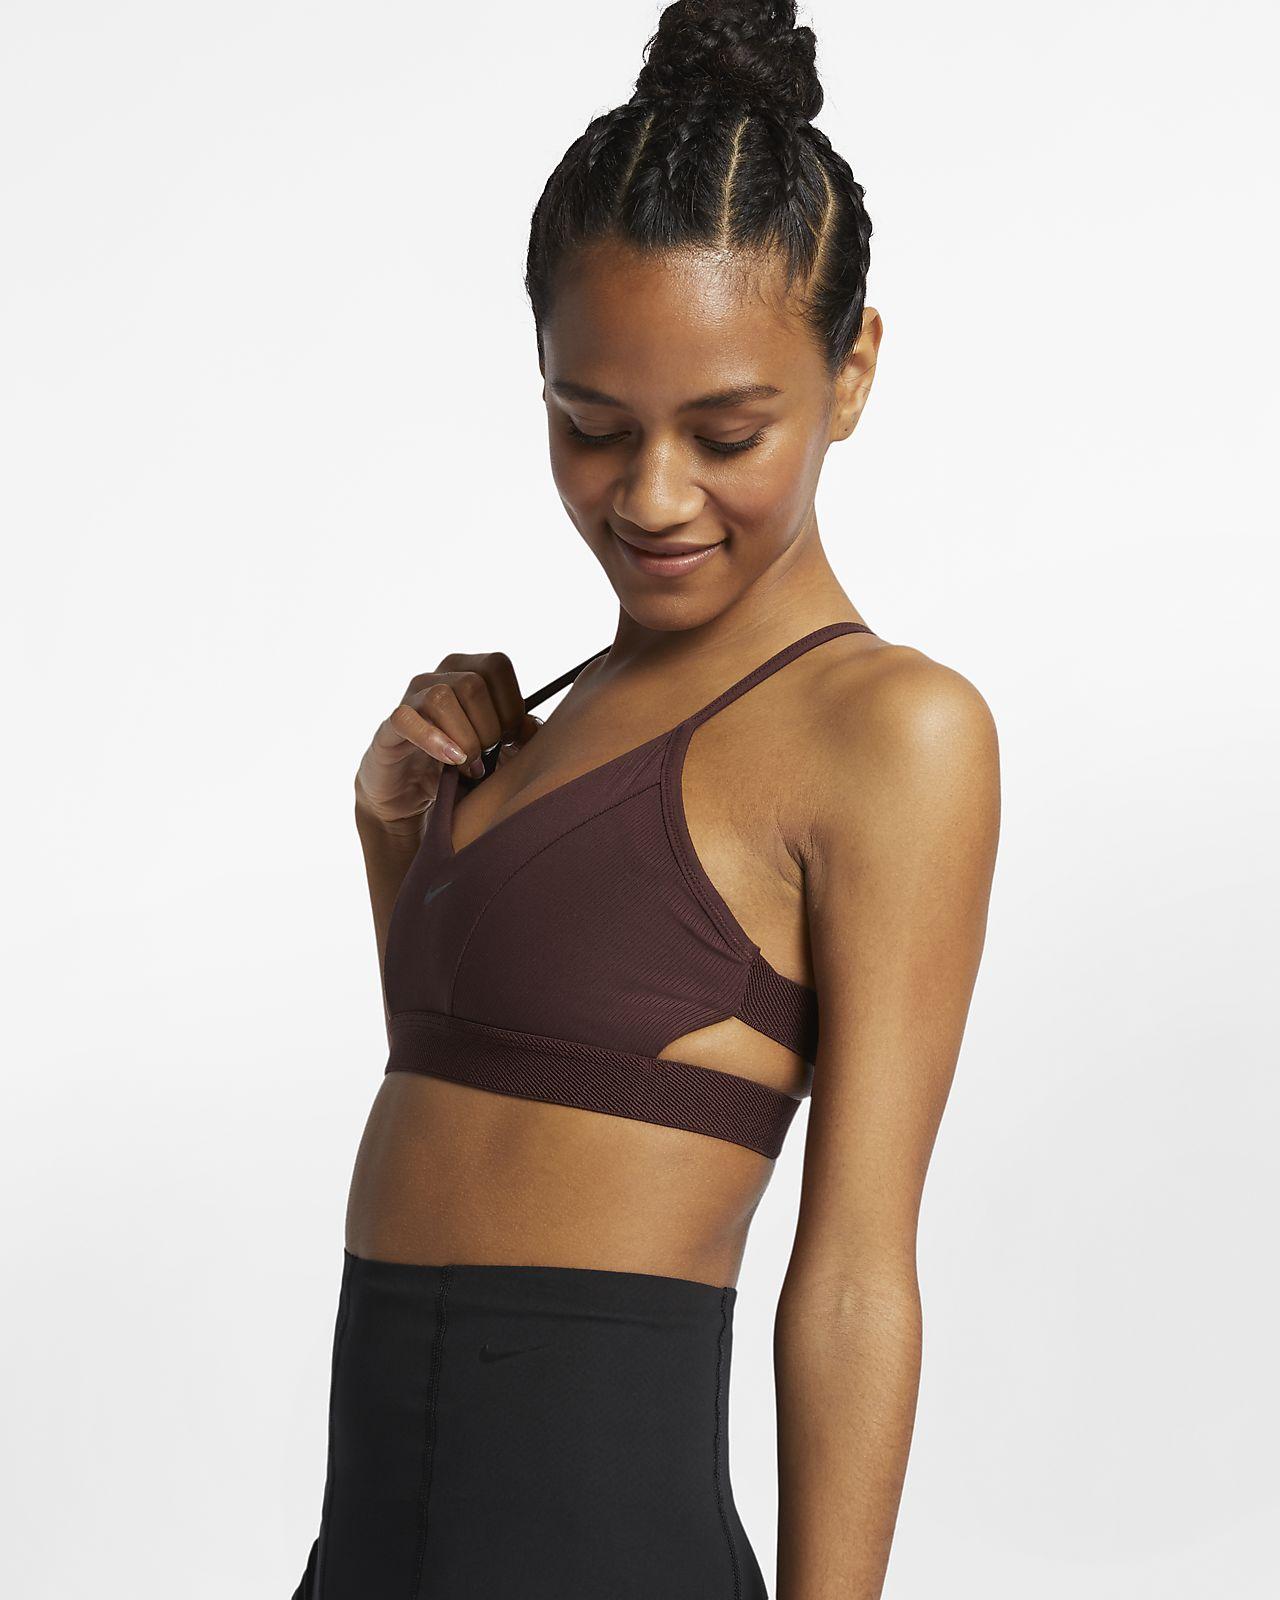 brassiere-de-yoga-a-maintien-leger-cotelee-indy-pour-3gQxhL.jpg c529f44d4d4